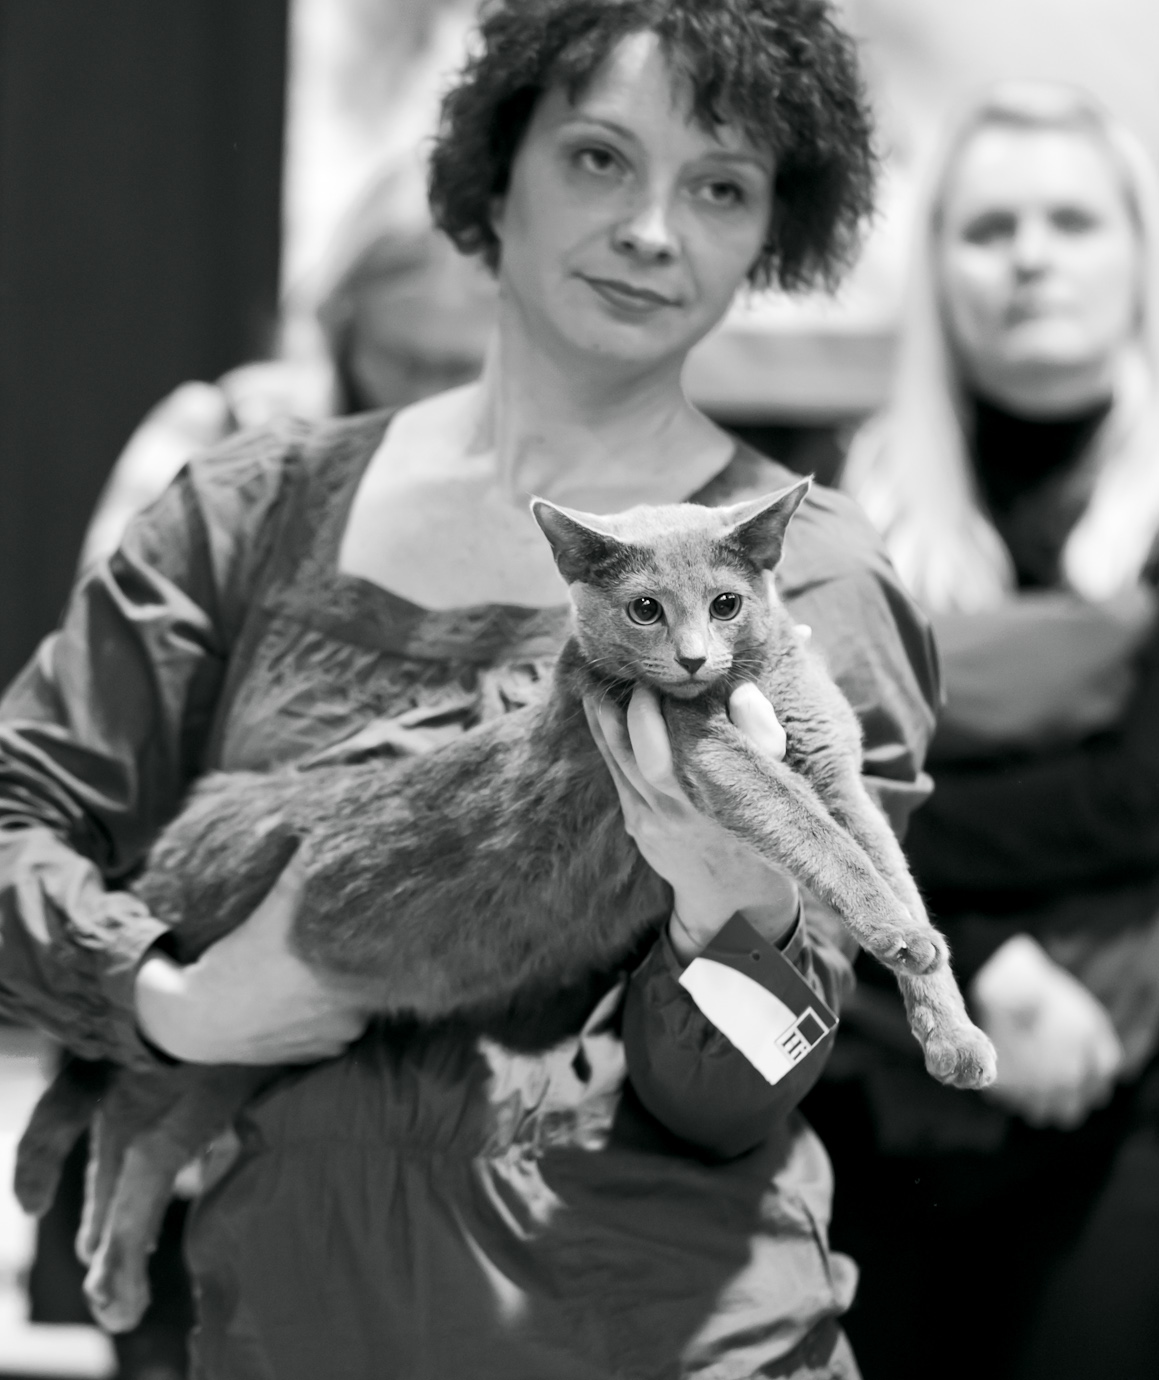 Starstruck's Jane Bonham (Bonzo) [RUS], kuva 199069, 3.11.2012